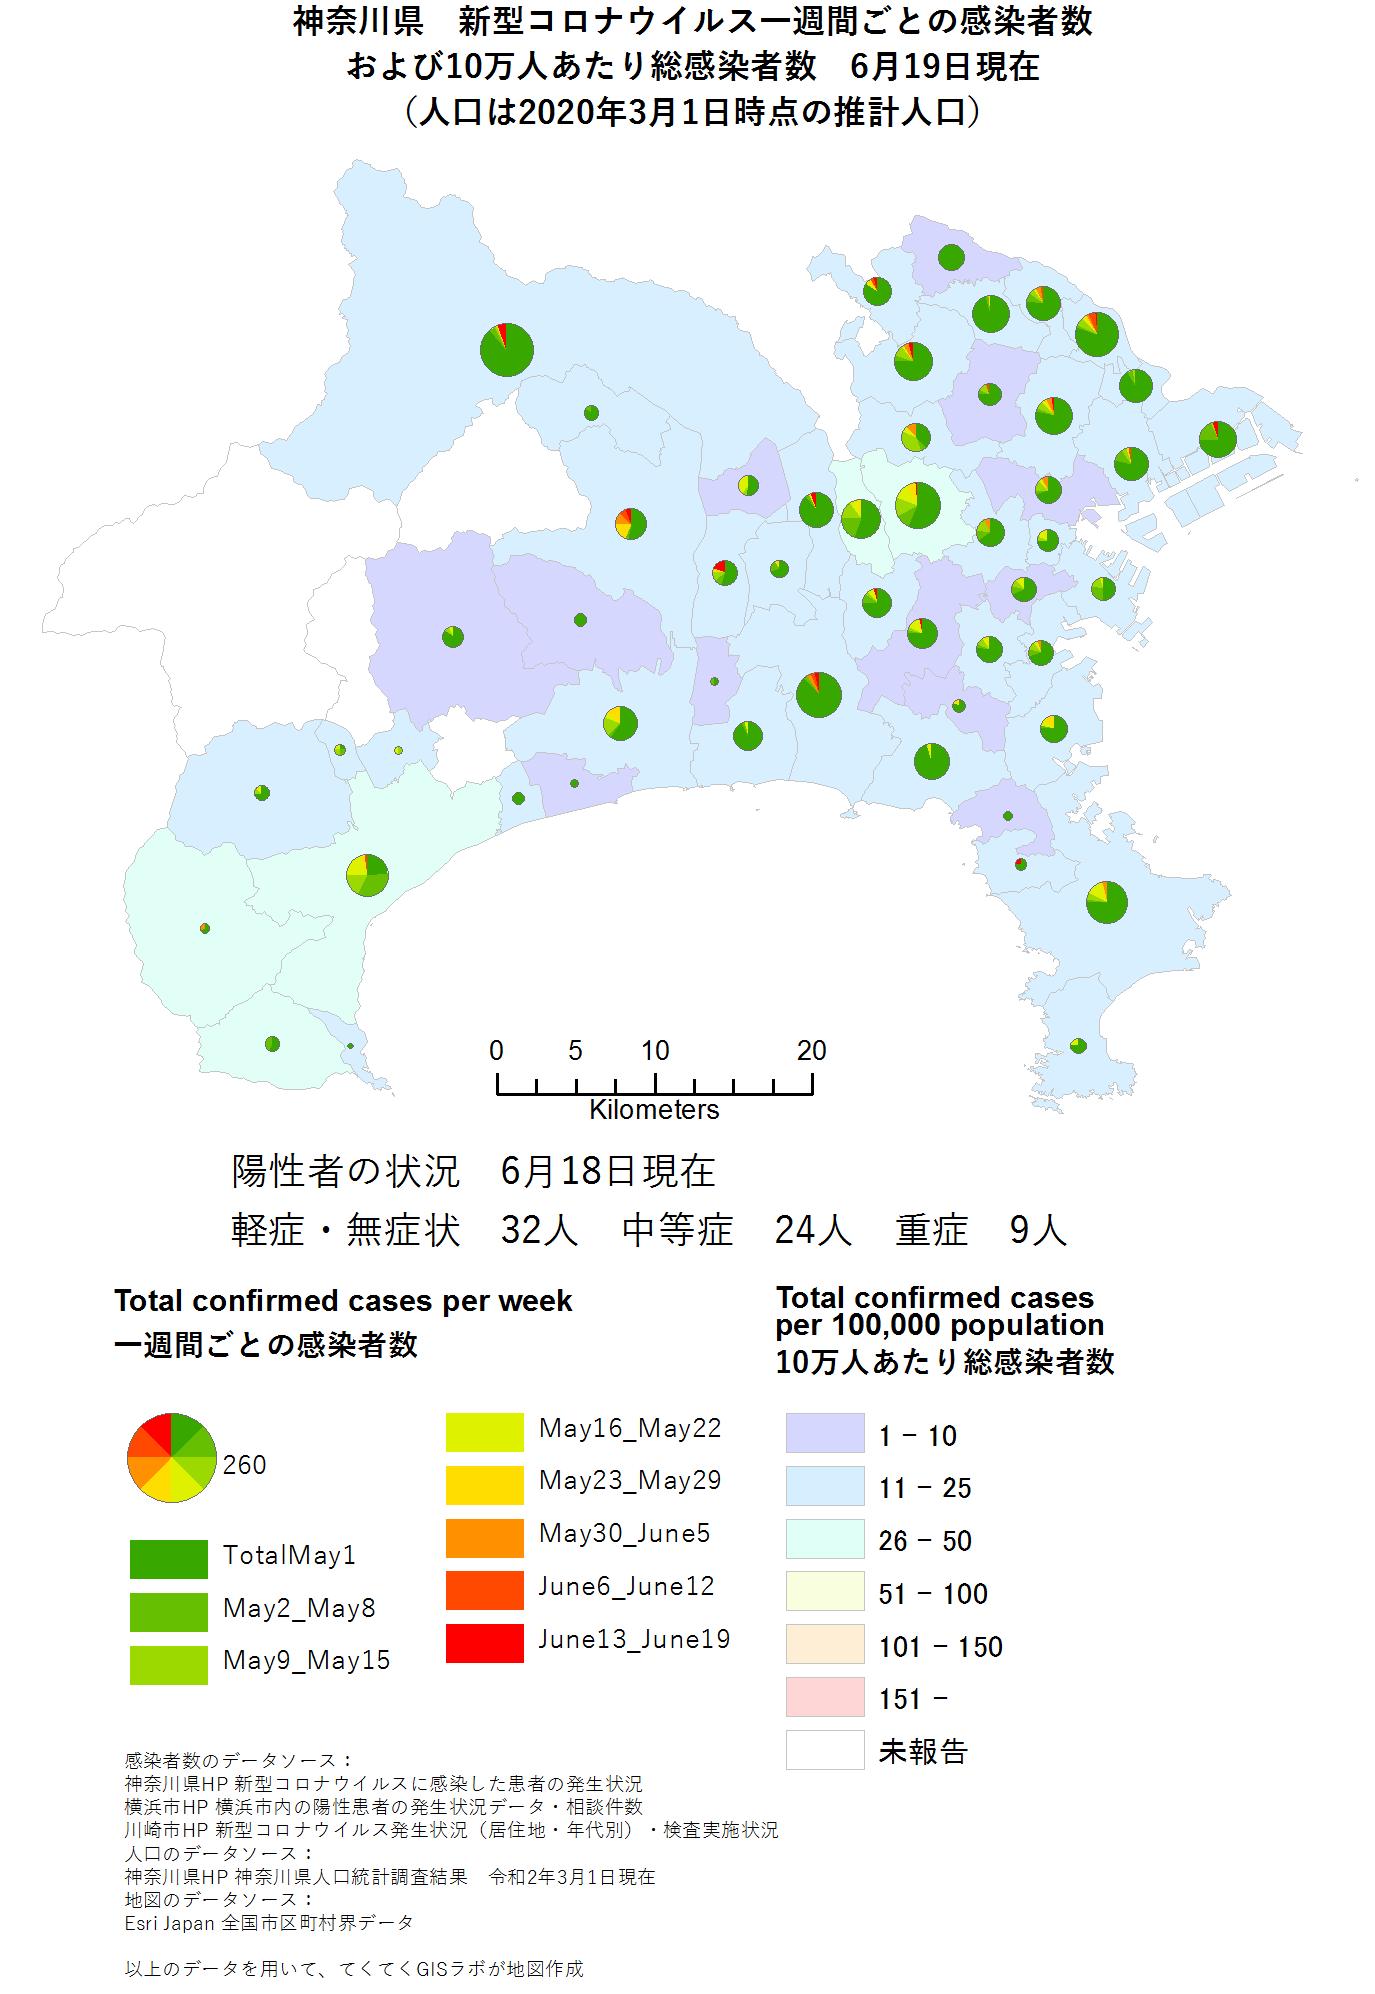 Total cases per week from May, Kanagawa